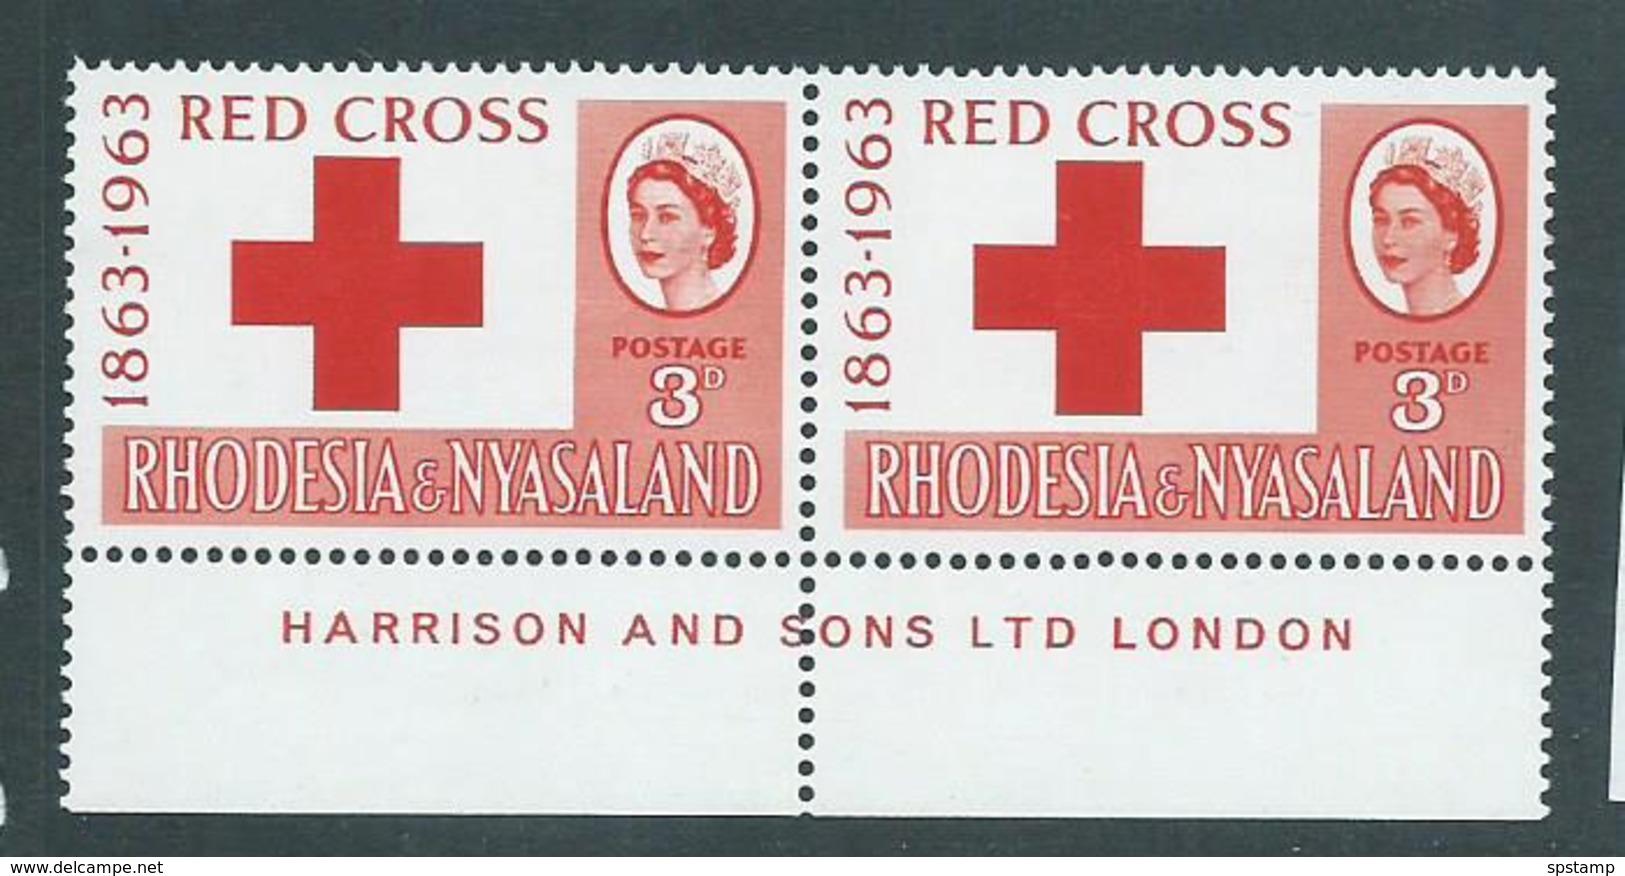 Rhodesia & Nyasaland 1963 Red Cross 3d Harrison Imprint Pair MNH - Rodesia & Nyasaland (1954-1963)